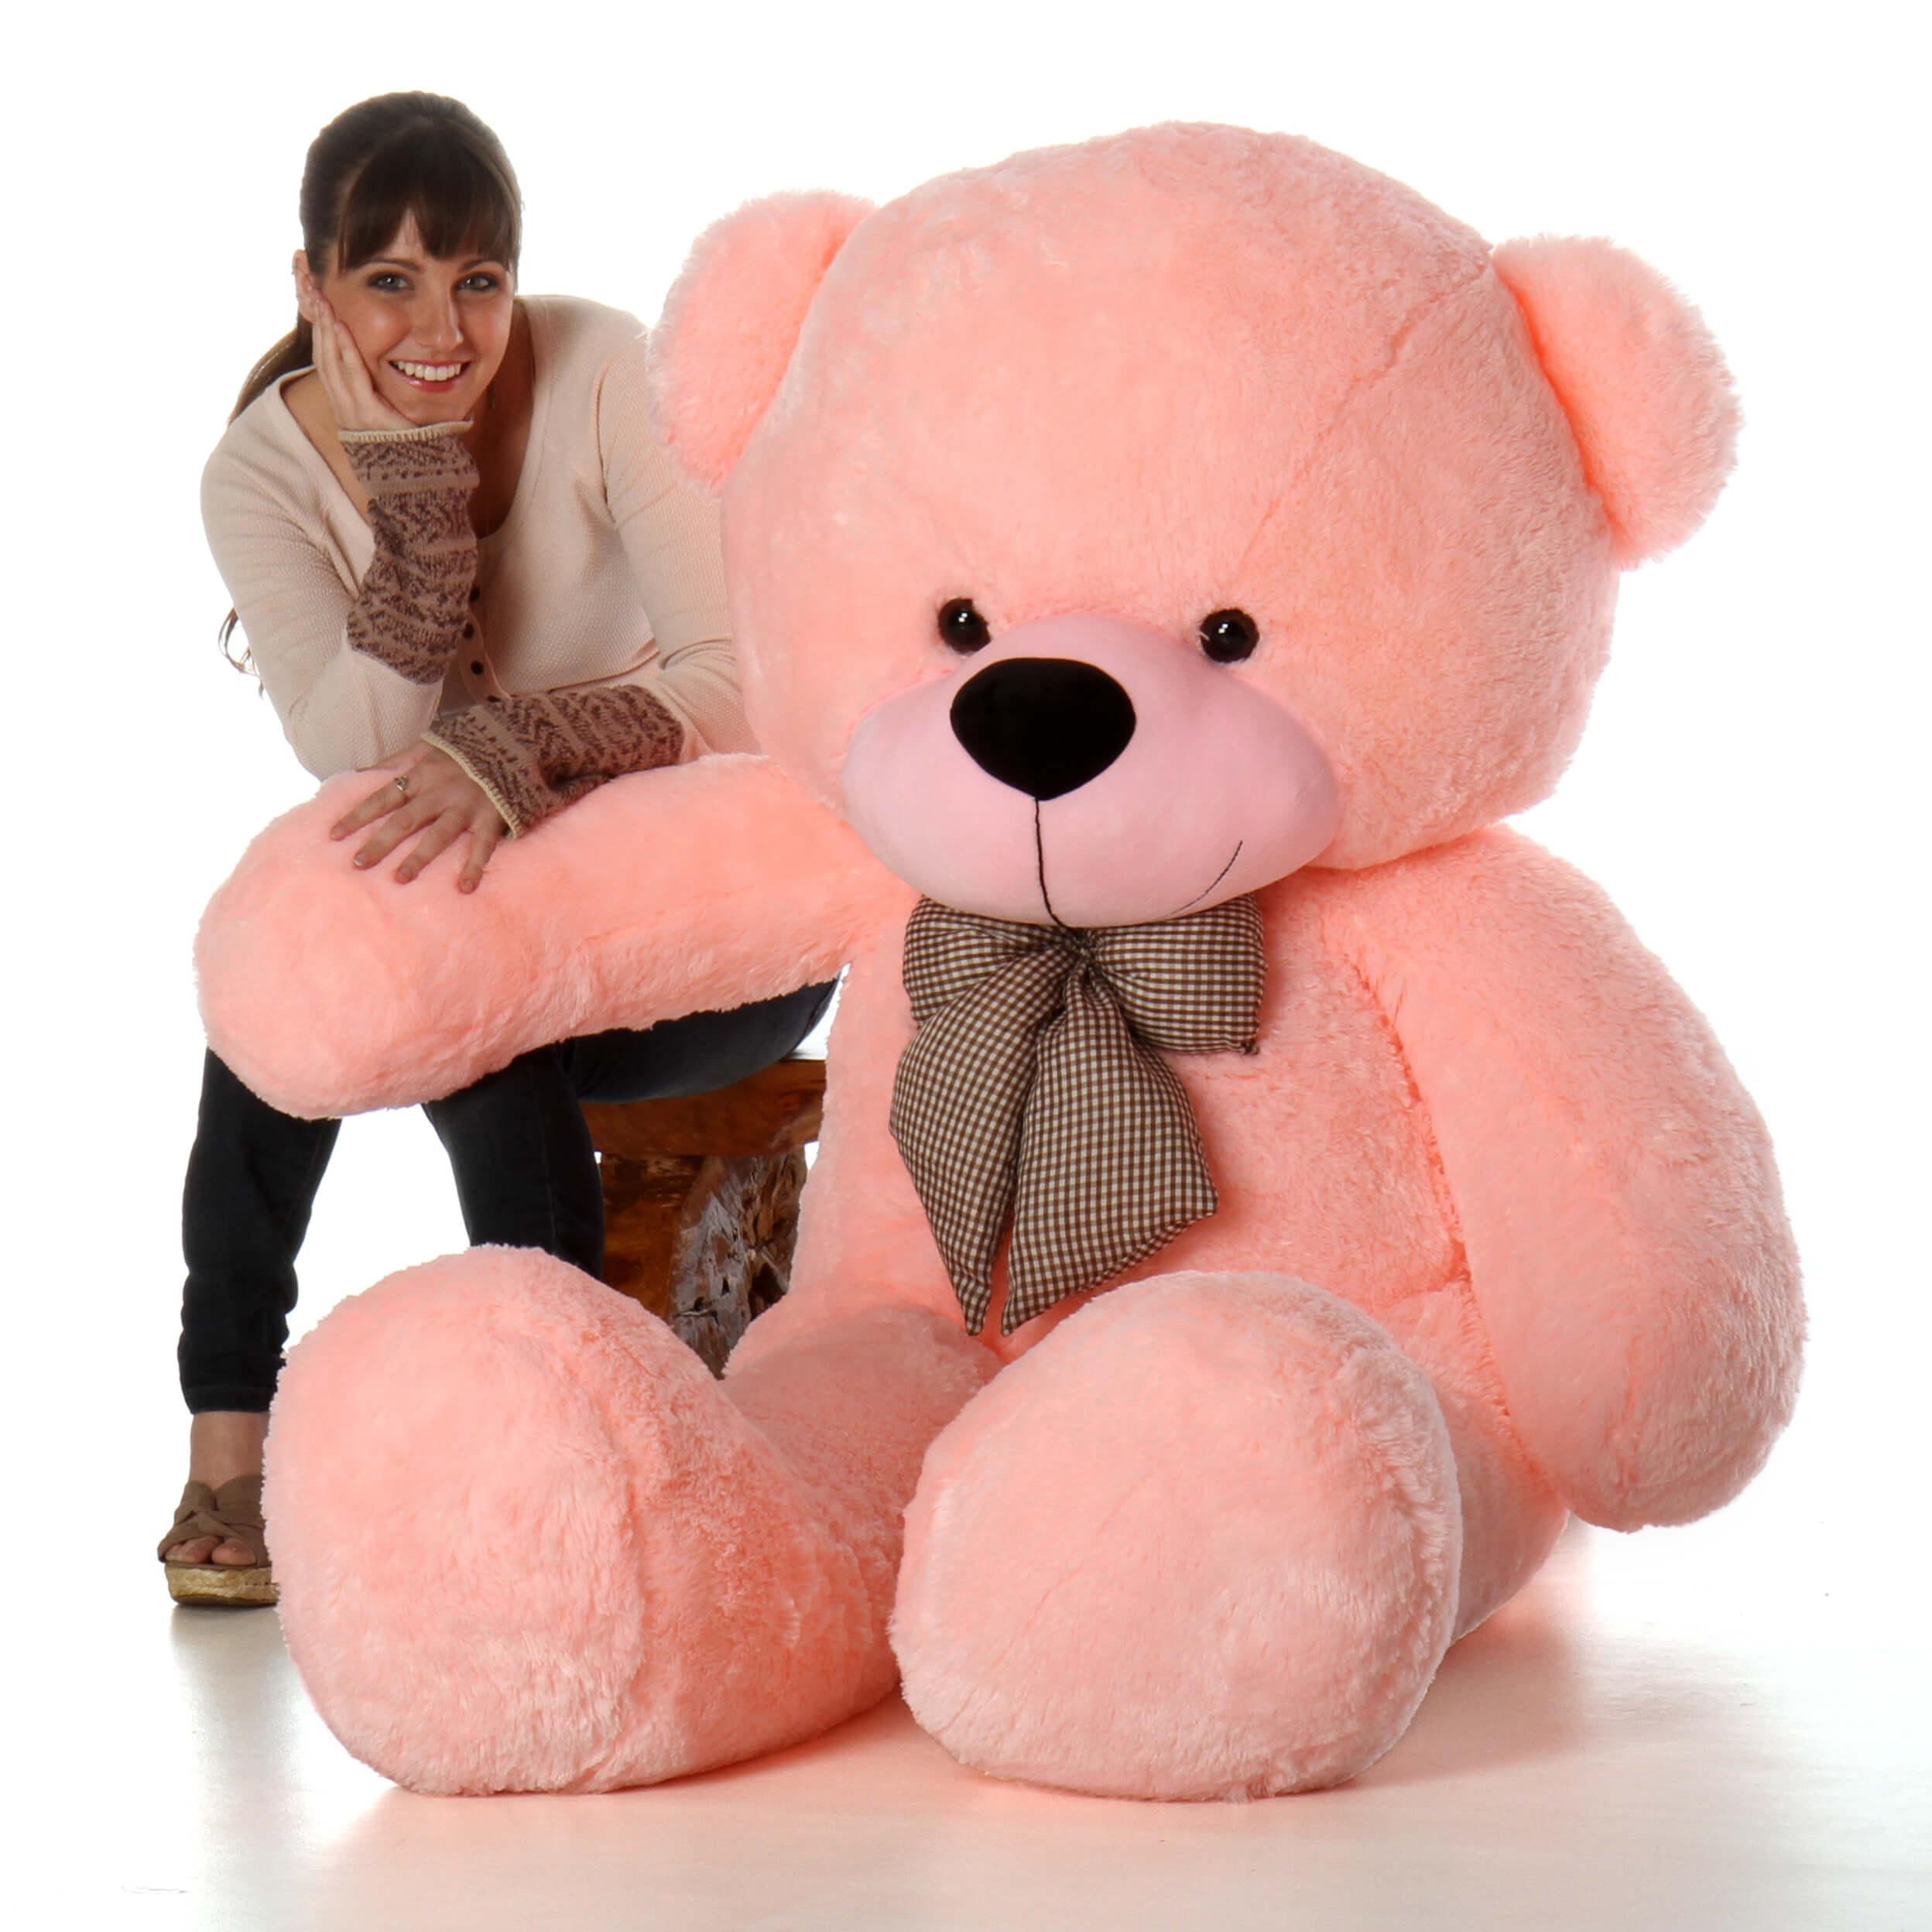 72in-cute-and-soft-lady-cuddles-pink-teddy-bear-1.jpg